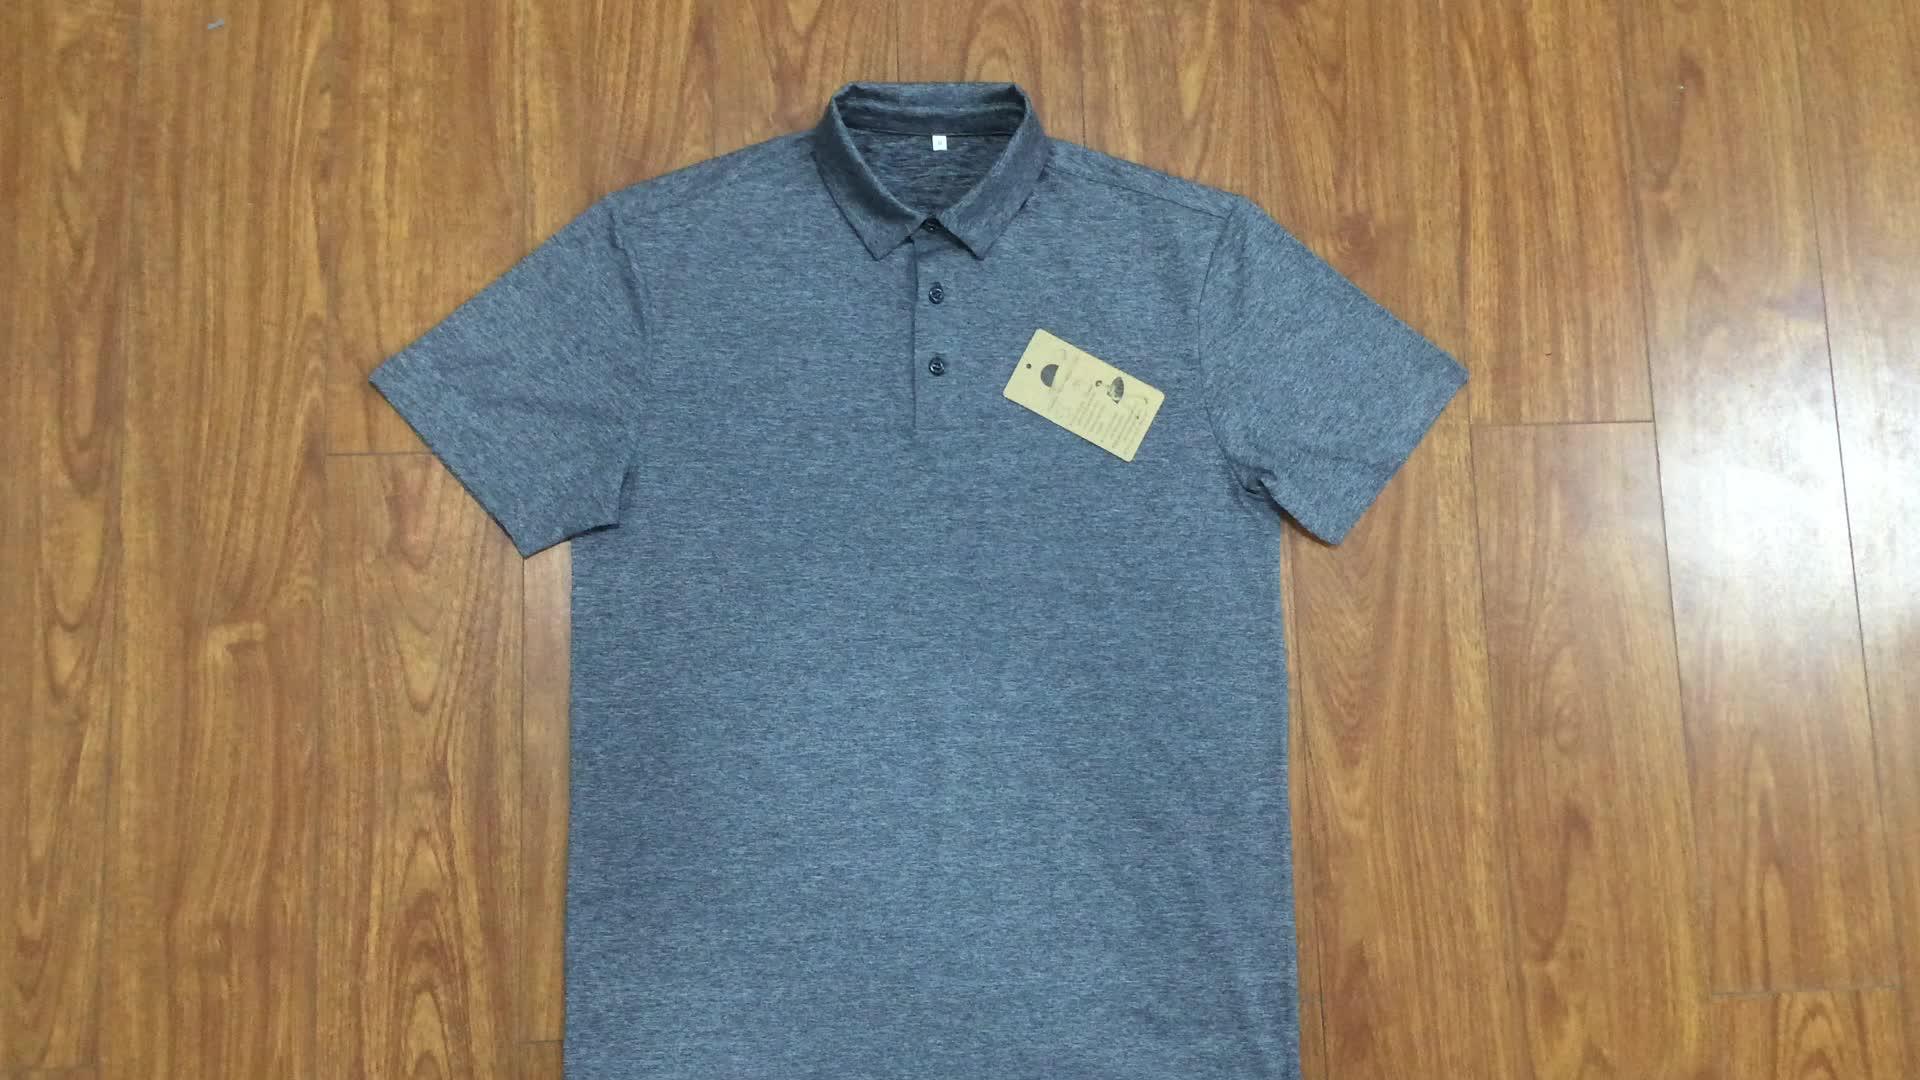 مخصص 100% الموجبة البوليستر الجافة سريعة رخيصة الرجال بولو تي شيرت طباعة شعار تصميم الملابس قميص جولف